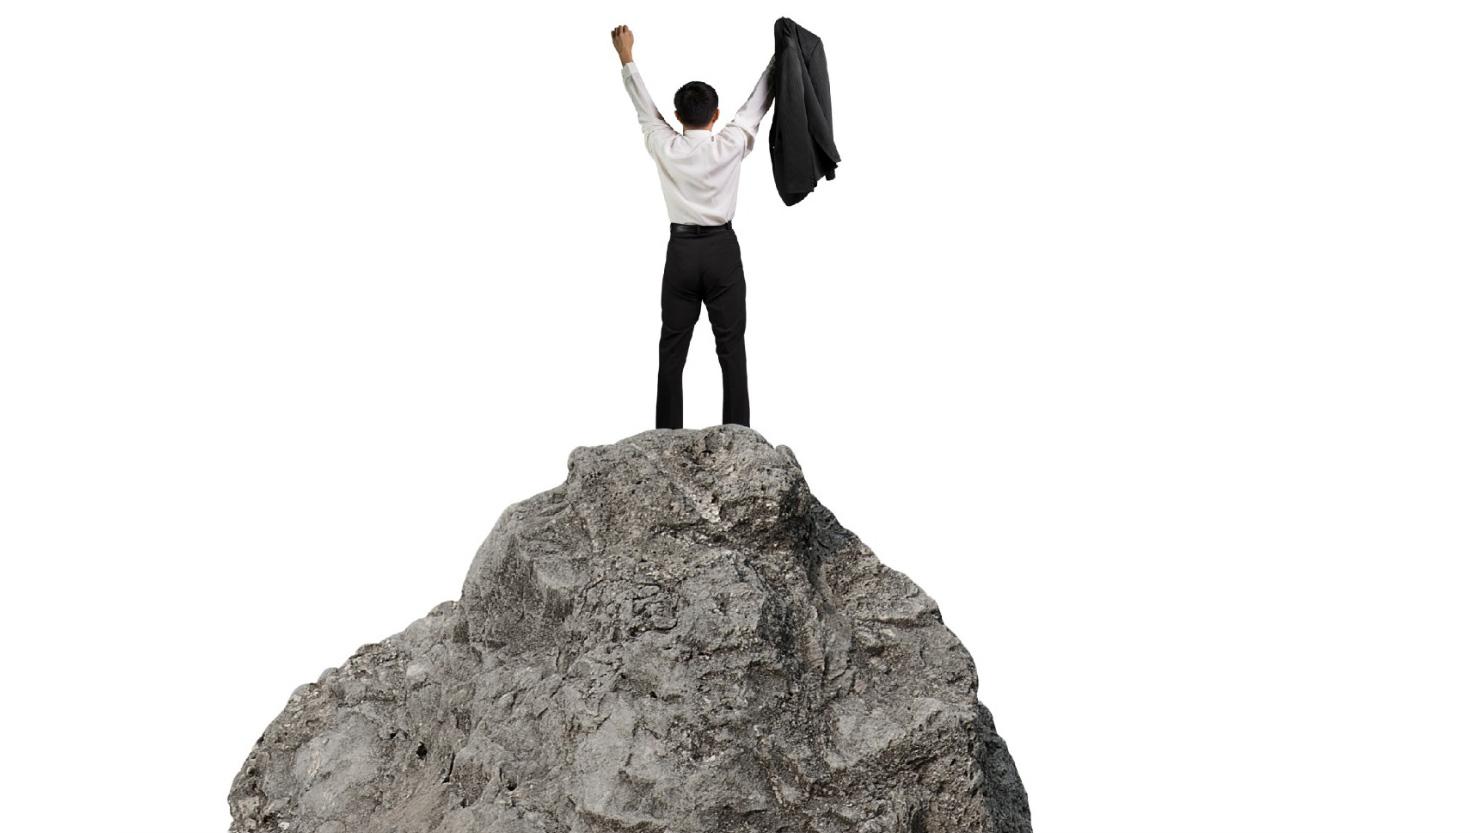 cheering man on mountaintop